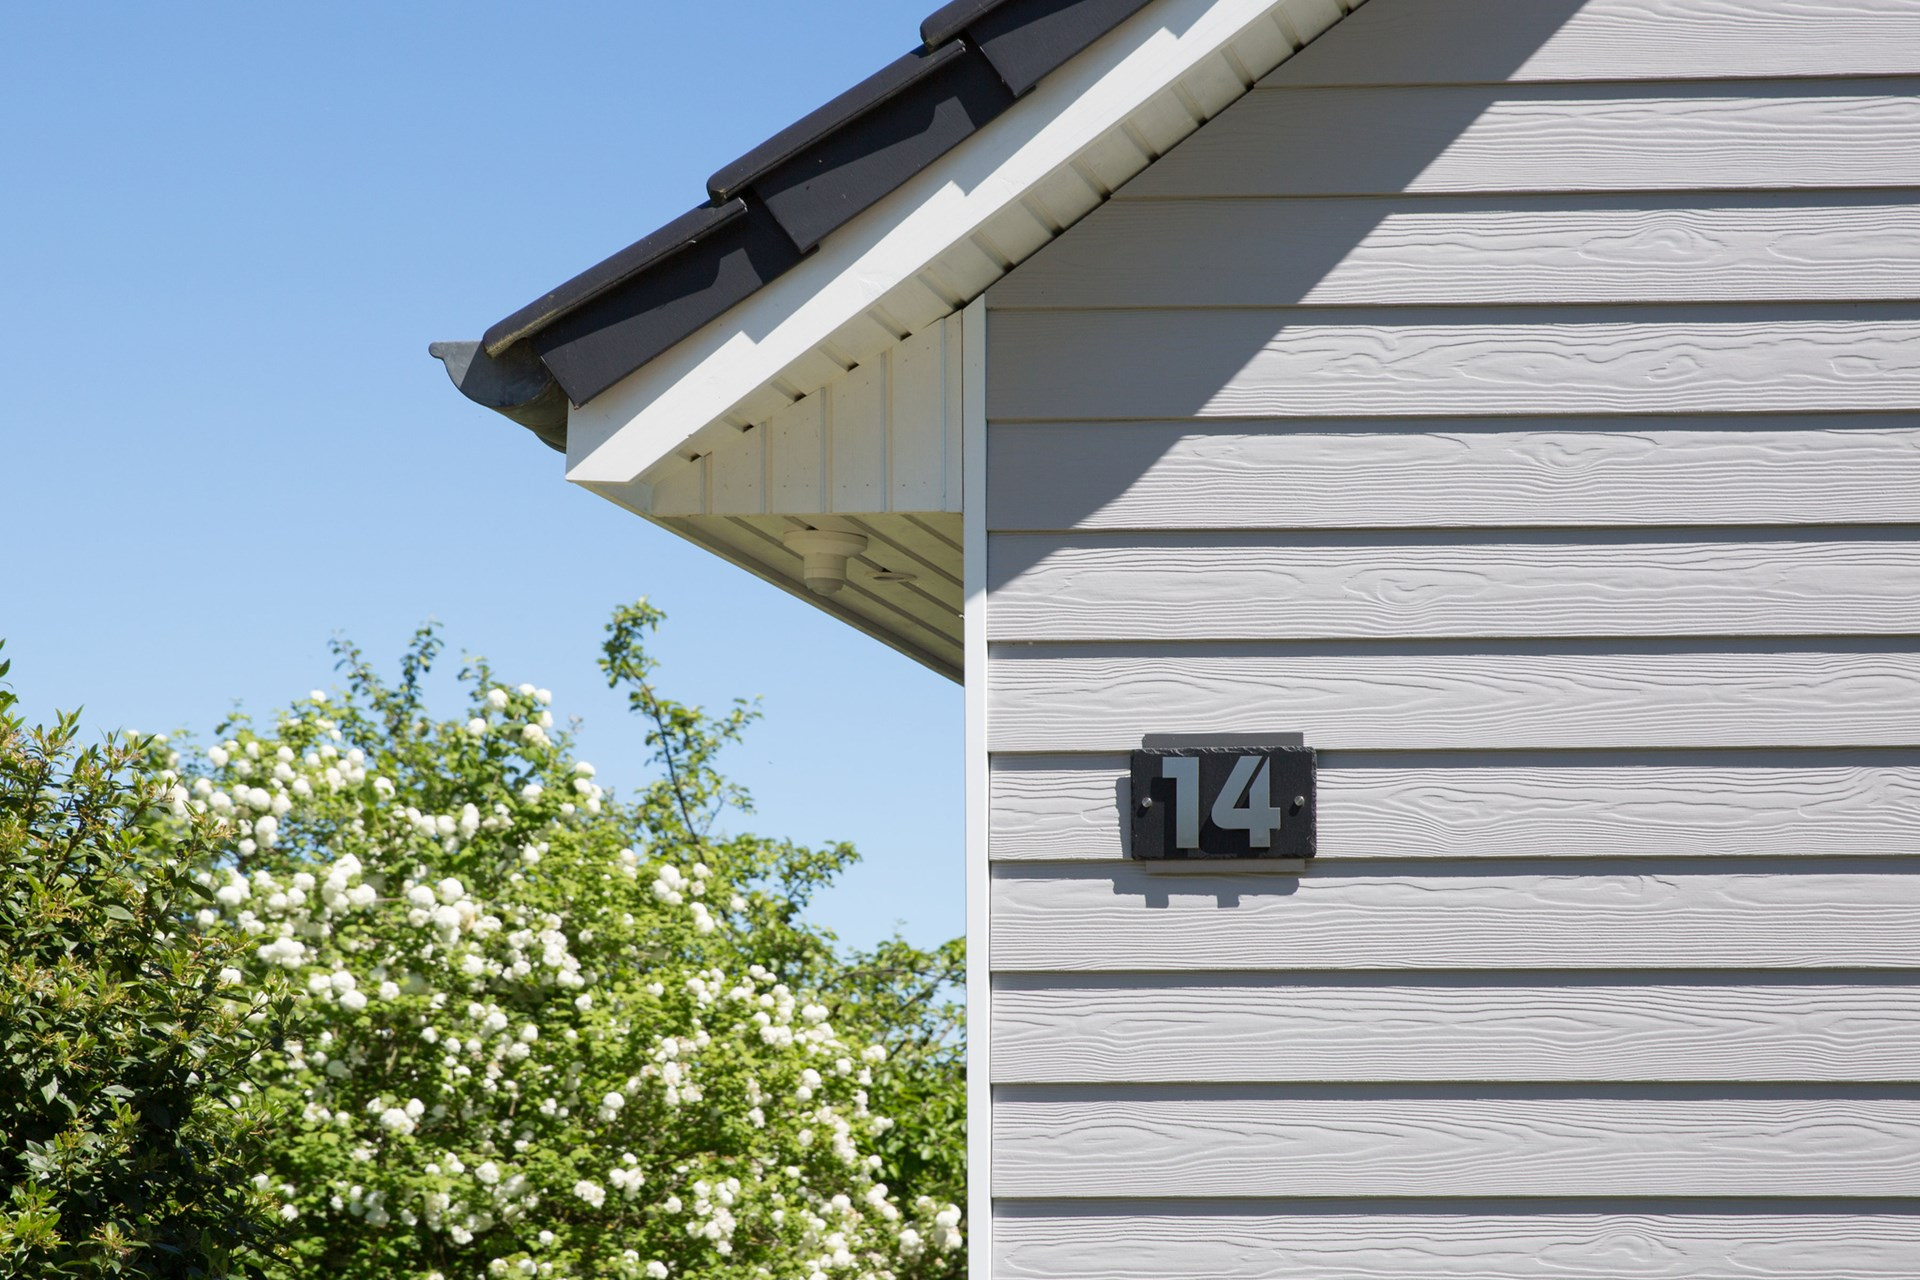 fachada residencial tinglado siding cedral